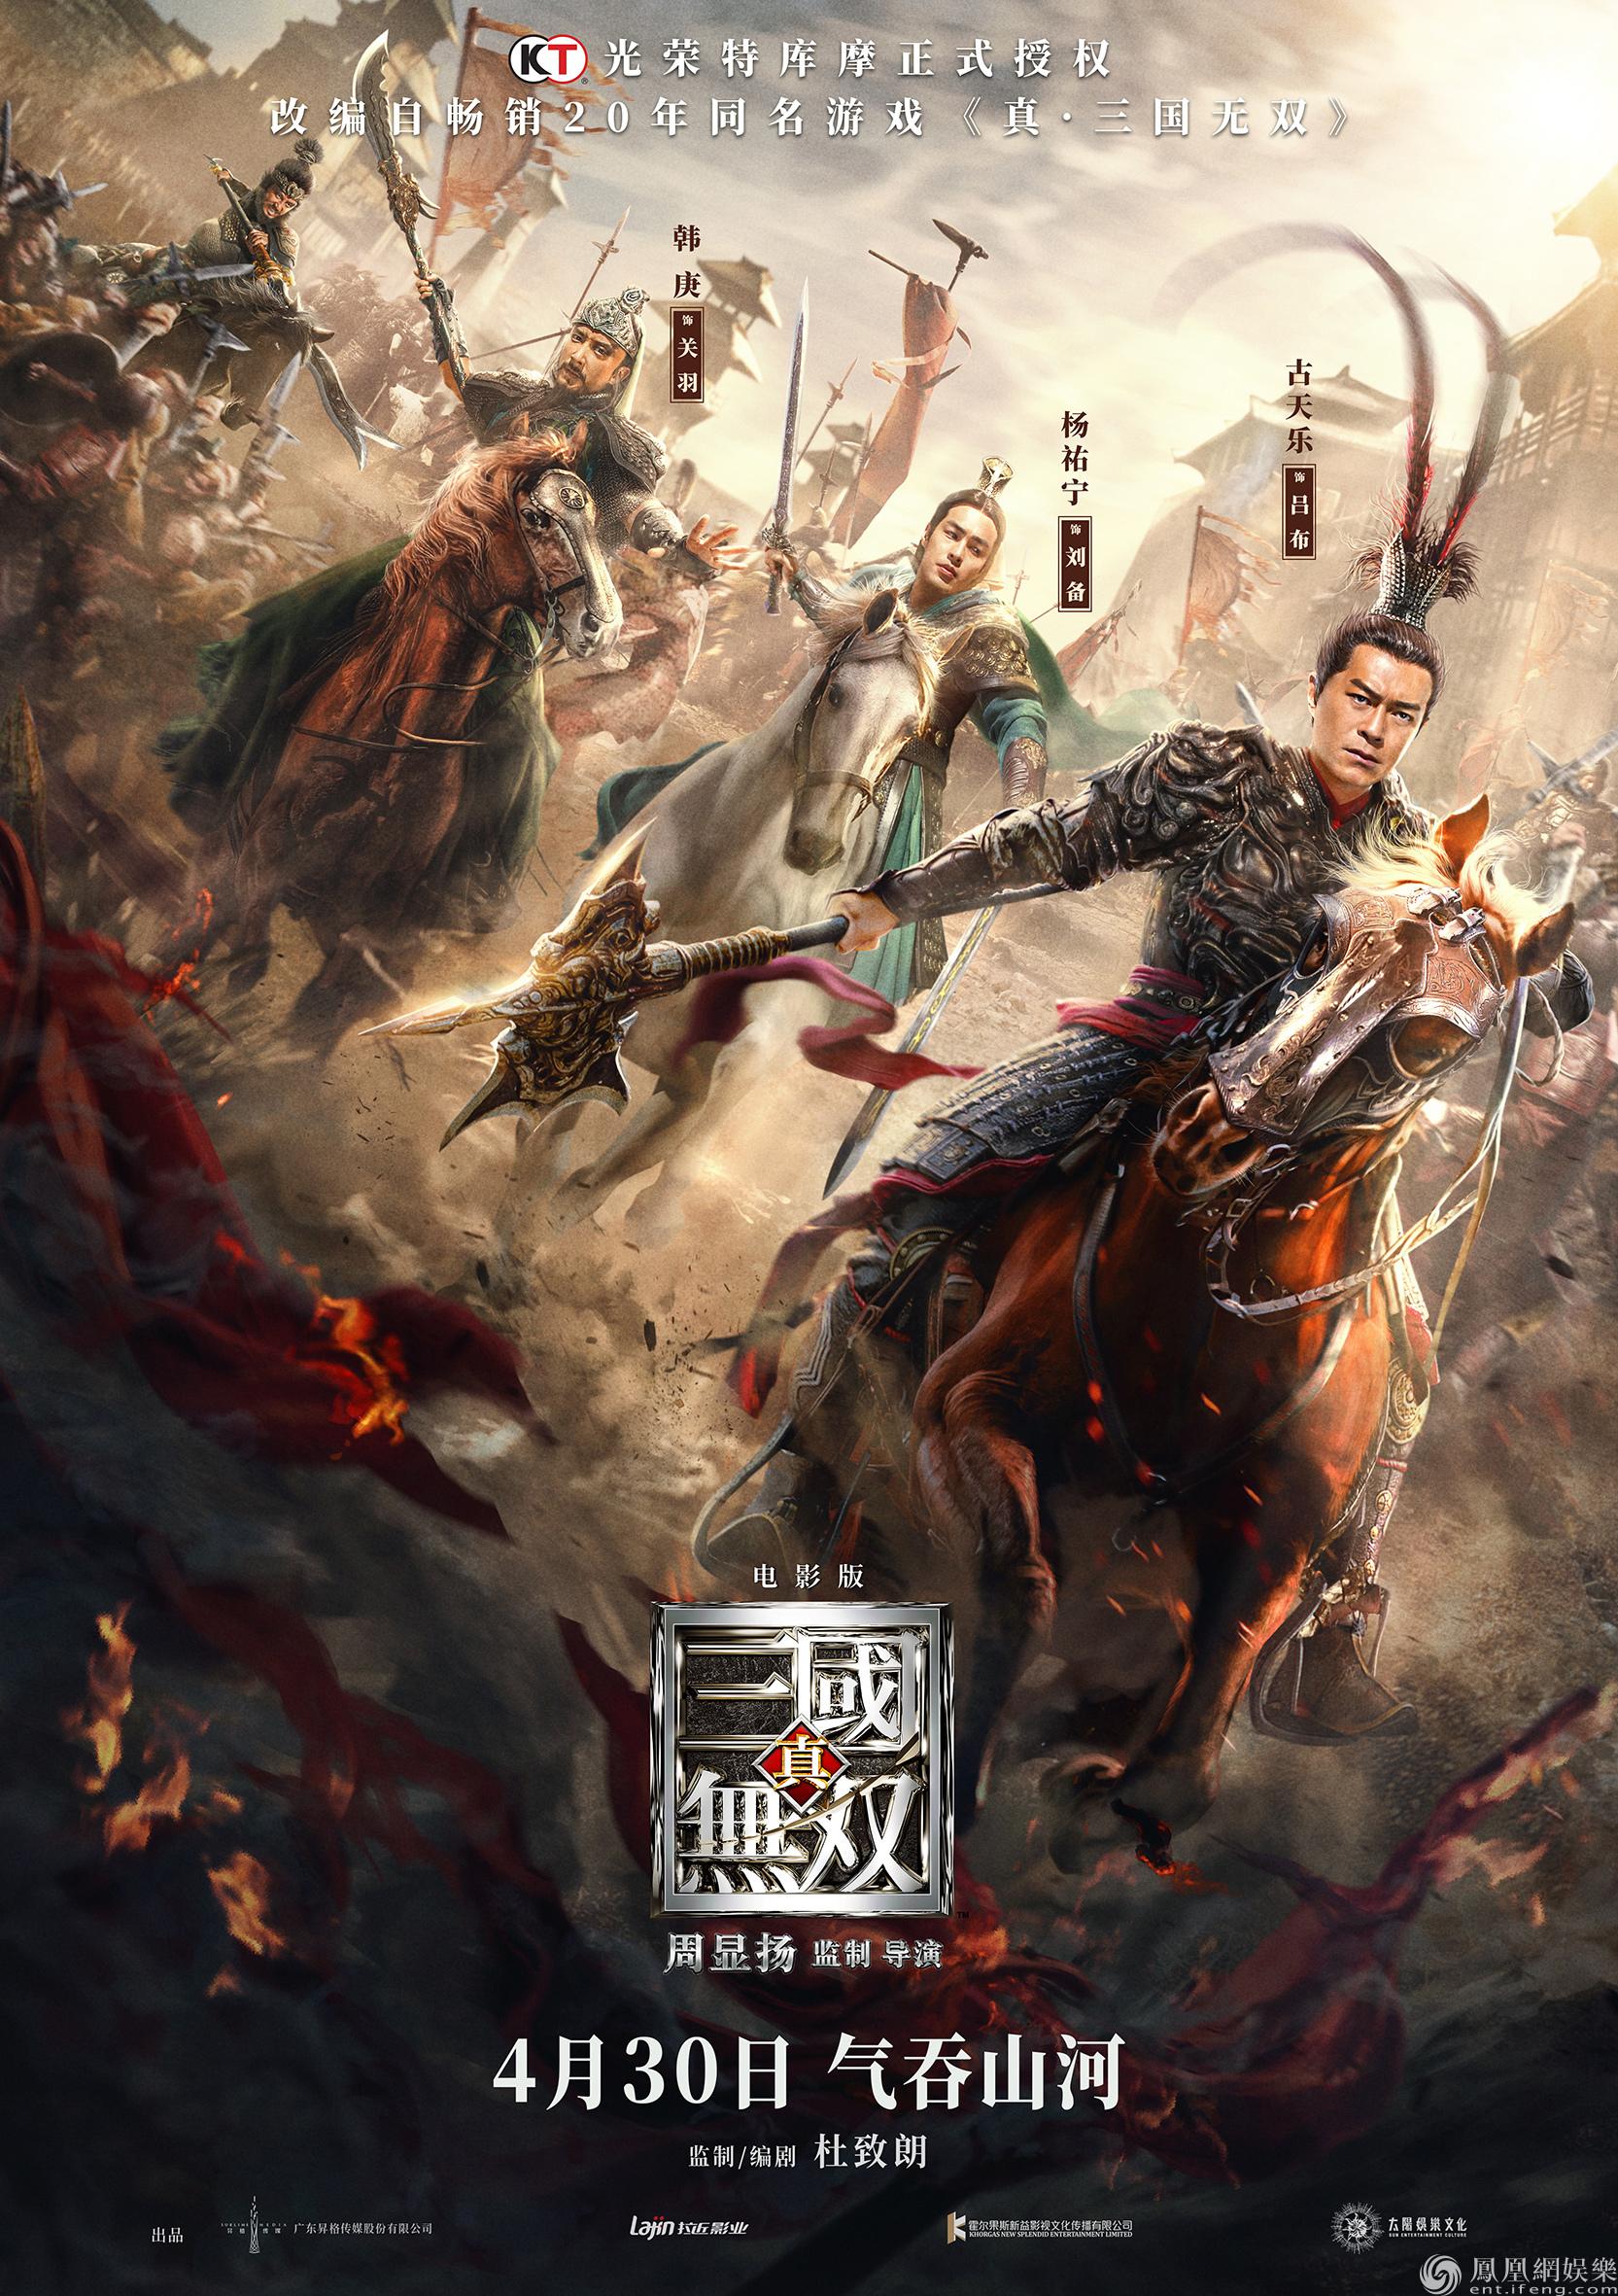 同名游戏改编电影《真·三国无双》定档4月30日